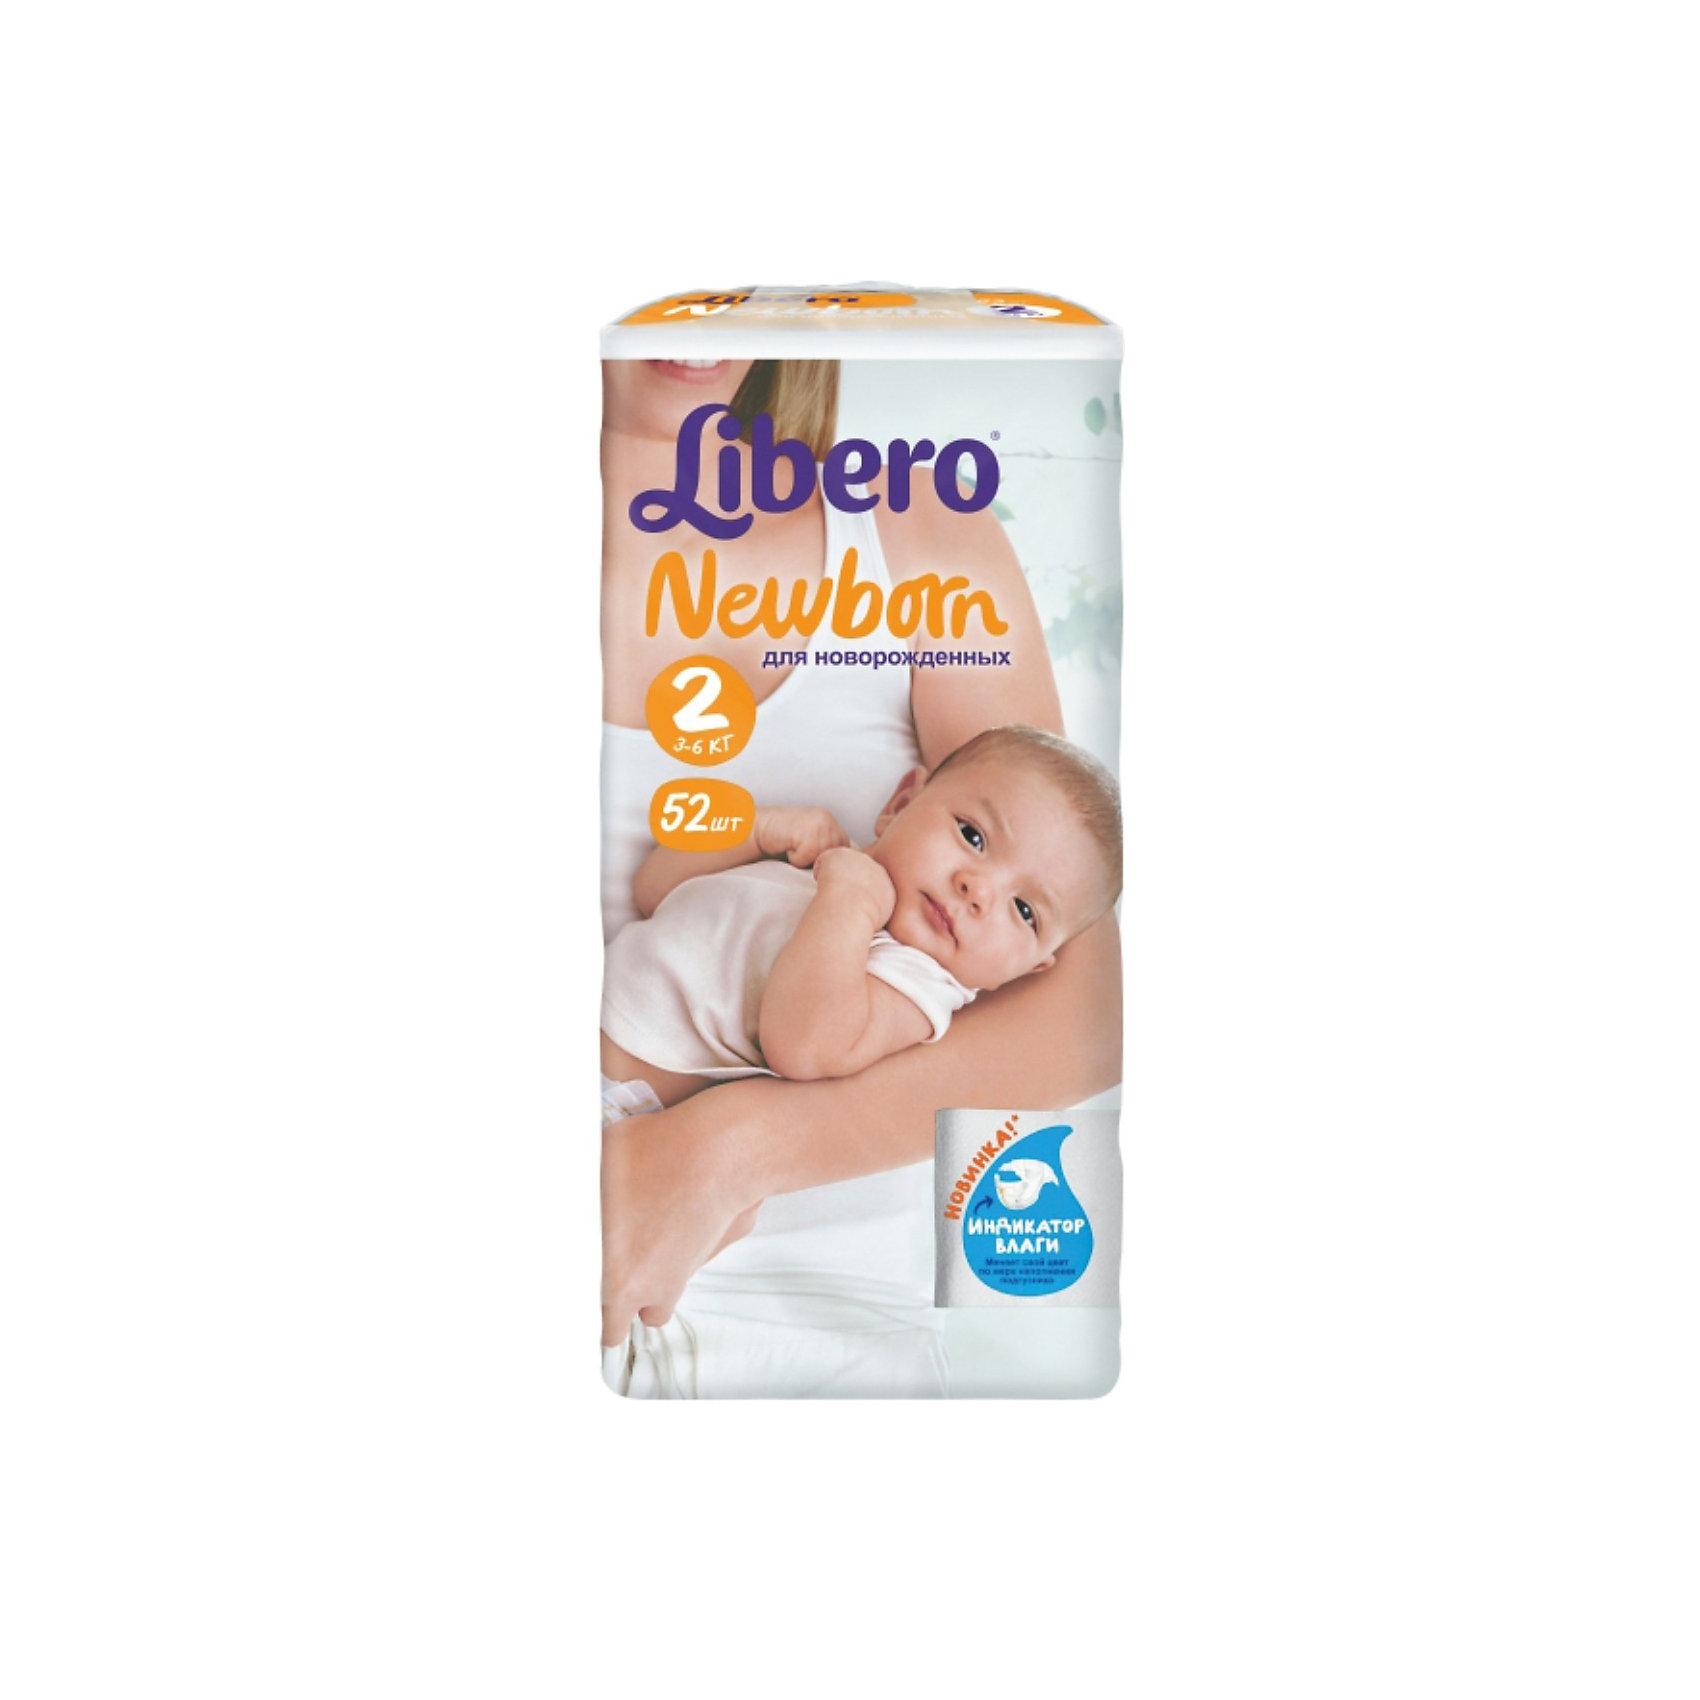 Подгузники Libero Newborn, Mini 3-6 кг (2), 52 шт.Подгузники Libero Newborn (Либеро Ньюборн).<br> Новые подгузники Libero Newborn EcoTech, сделаны из мягких и натуральных материалов.А наши научные технологии обработки натуральных материалов позволили сделать новые подгузники Libero EcoTech супервпитывающими, при этом мягкими и натуральными на ощупь.<br> Особенности:<br> - Поверхность этих подгузников очень мягкая, они идеально подходят для тонкой и чувствительной кожи малыша. <br> - Поверхность подгузников содержит микроскопические отверстия для циркуляции воздуха, которые позволяют коже ребенка дышать.<br> - Эластичный поясок сзади, тянущиеся застежки и мягкие резиночки вокруг ножек позволяют надежно фиксировать подгузник, абсолютно не стесняя движений малыша. <br> - Зауженные спереди и сзади боковинки, идеально повторяющие фигурку крохи, помогают предотвратить протекание. Это очень важно в первые месяцы жизни малыша, так как большую часть времени он проводит лежа - во сне.<br> - Подгузники имеют специальный мягкий сетчатый слой внутри, который отлично впитывает не только влагу, но и жидкий детский стул.<br> - Многоразовые застежки-липучки не боятся ни крема, ни талька, и Вы в любой момент сможете проверить, не пора ли поменять подгузник. <br><br>ВНИМАНИЕ! Данный артикул имеется в наличии в двух вариантах упаковки. К сожалению, заранее выбрать определенную упаковку нельзя.<br><br>Дополнительная информация:<br><br>- Размер: 2, Mini 3-6 кг<br>- В упаковке: 52 шт.<br><br>Подгузники Libero Newborn (Либеро Бэби Ньюборн), Mini 3-6 кг (2), 52 шт. можно купить в нашем интернет-магазине.<br><br>Ширина мм: 115<br>Глубина мм: 195<br>Высота мм: 370<br>Вес г: 1221<br>Возраст от месяцев: 0<br>Возраст до месяцев: 3<br>Пол: Унисекс<br>Возраст: Детский<br>SKU: 3517614